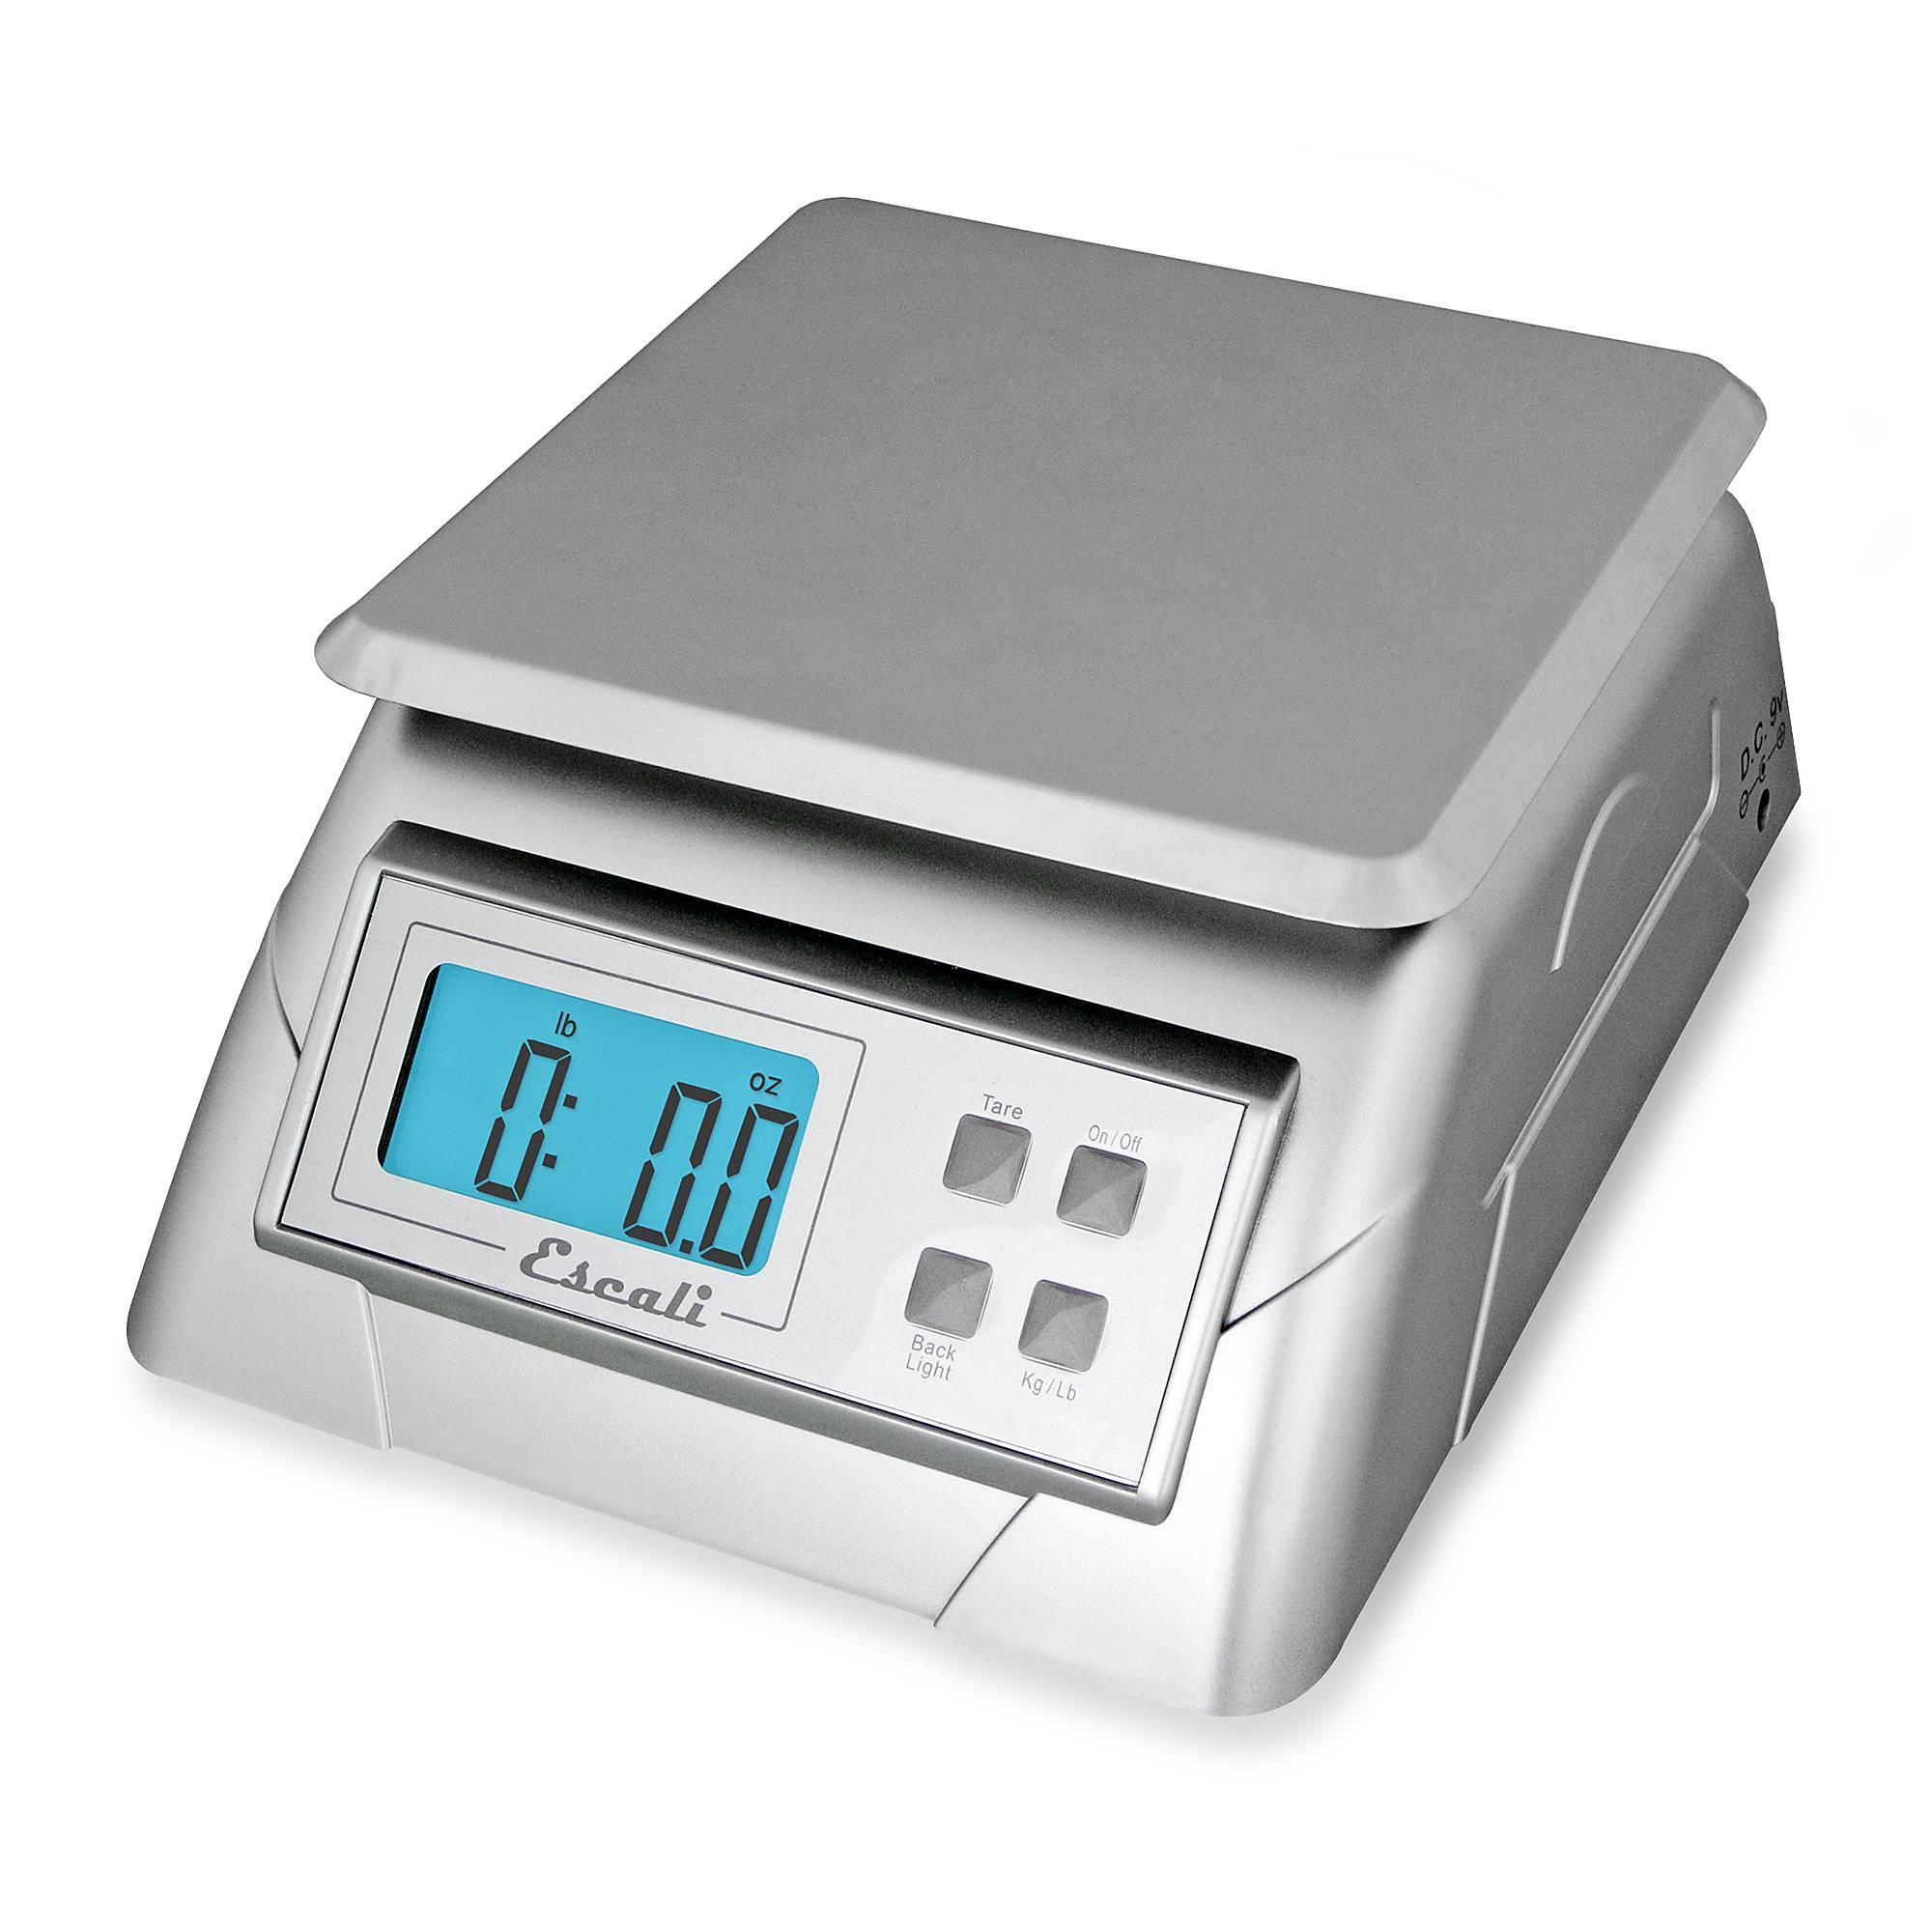 Details about Escali® Alimento 13 lb. Digital Kitchen Food Scale